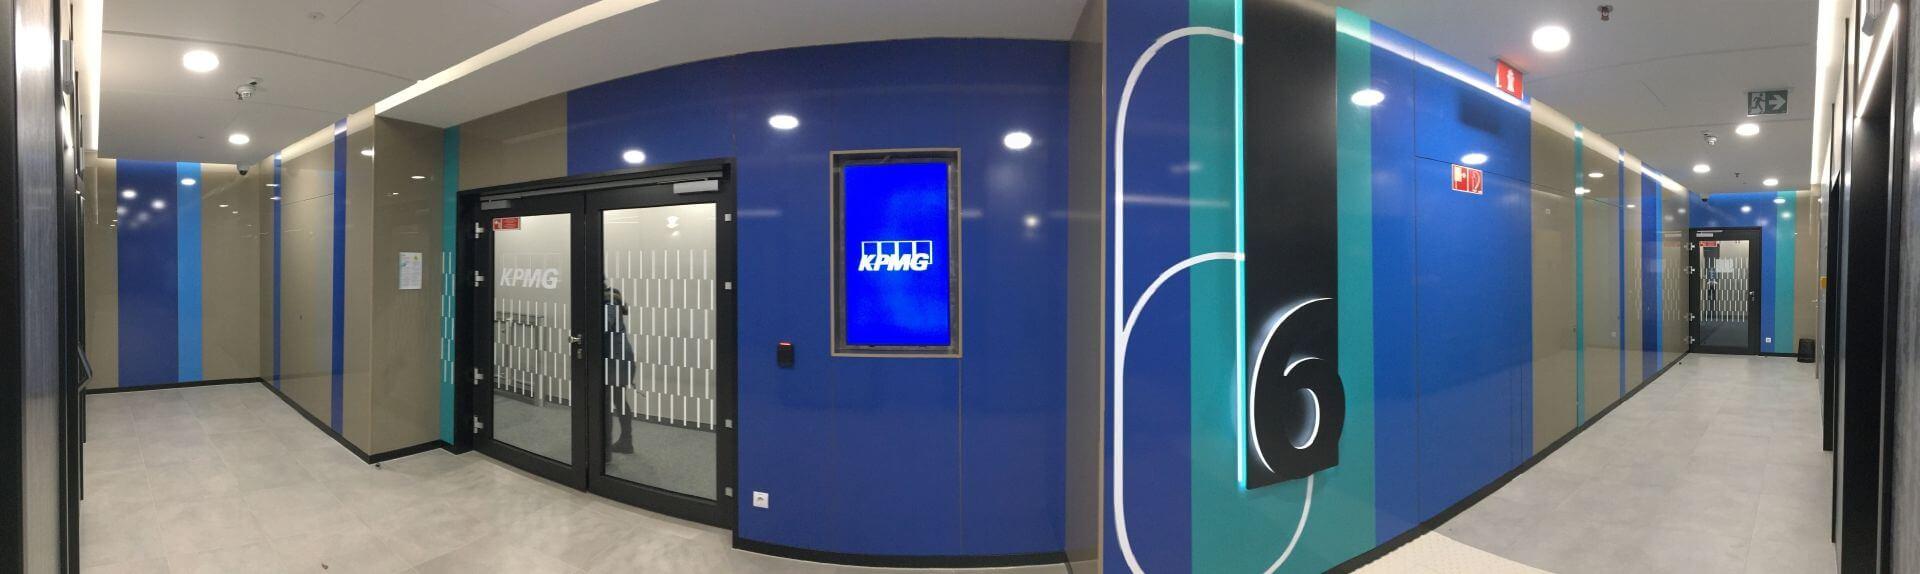 Irodai belső tér dekorálása - KPMG